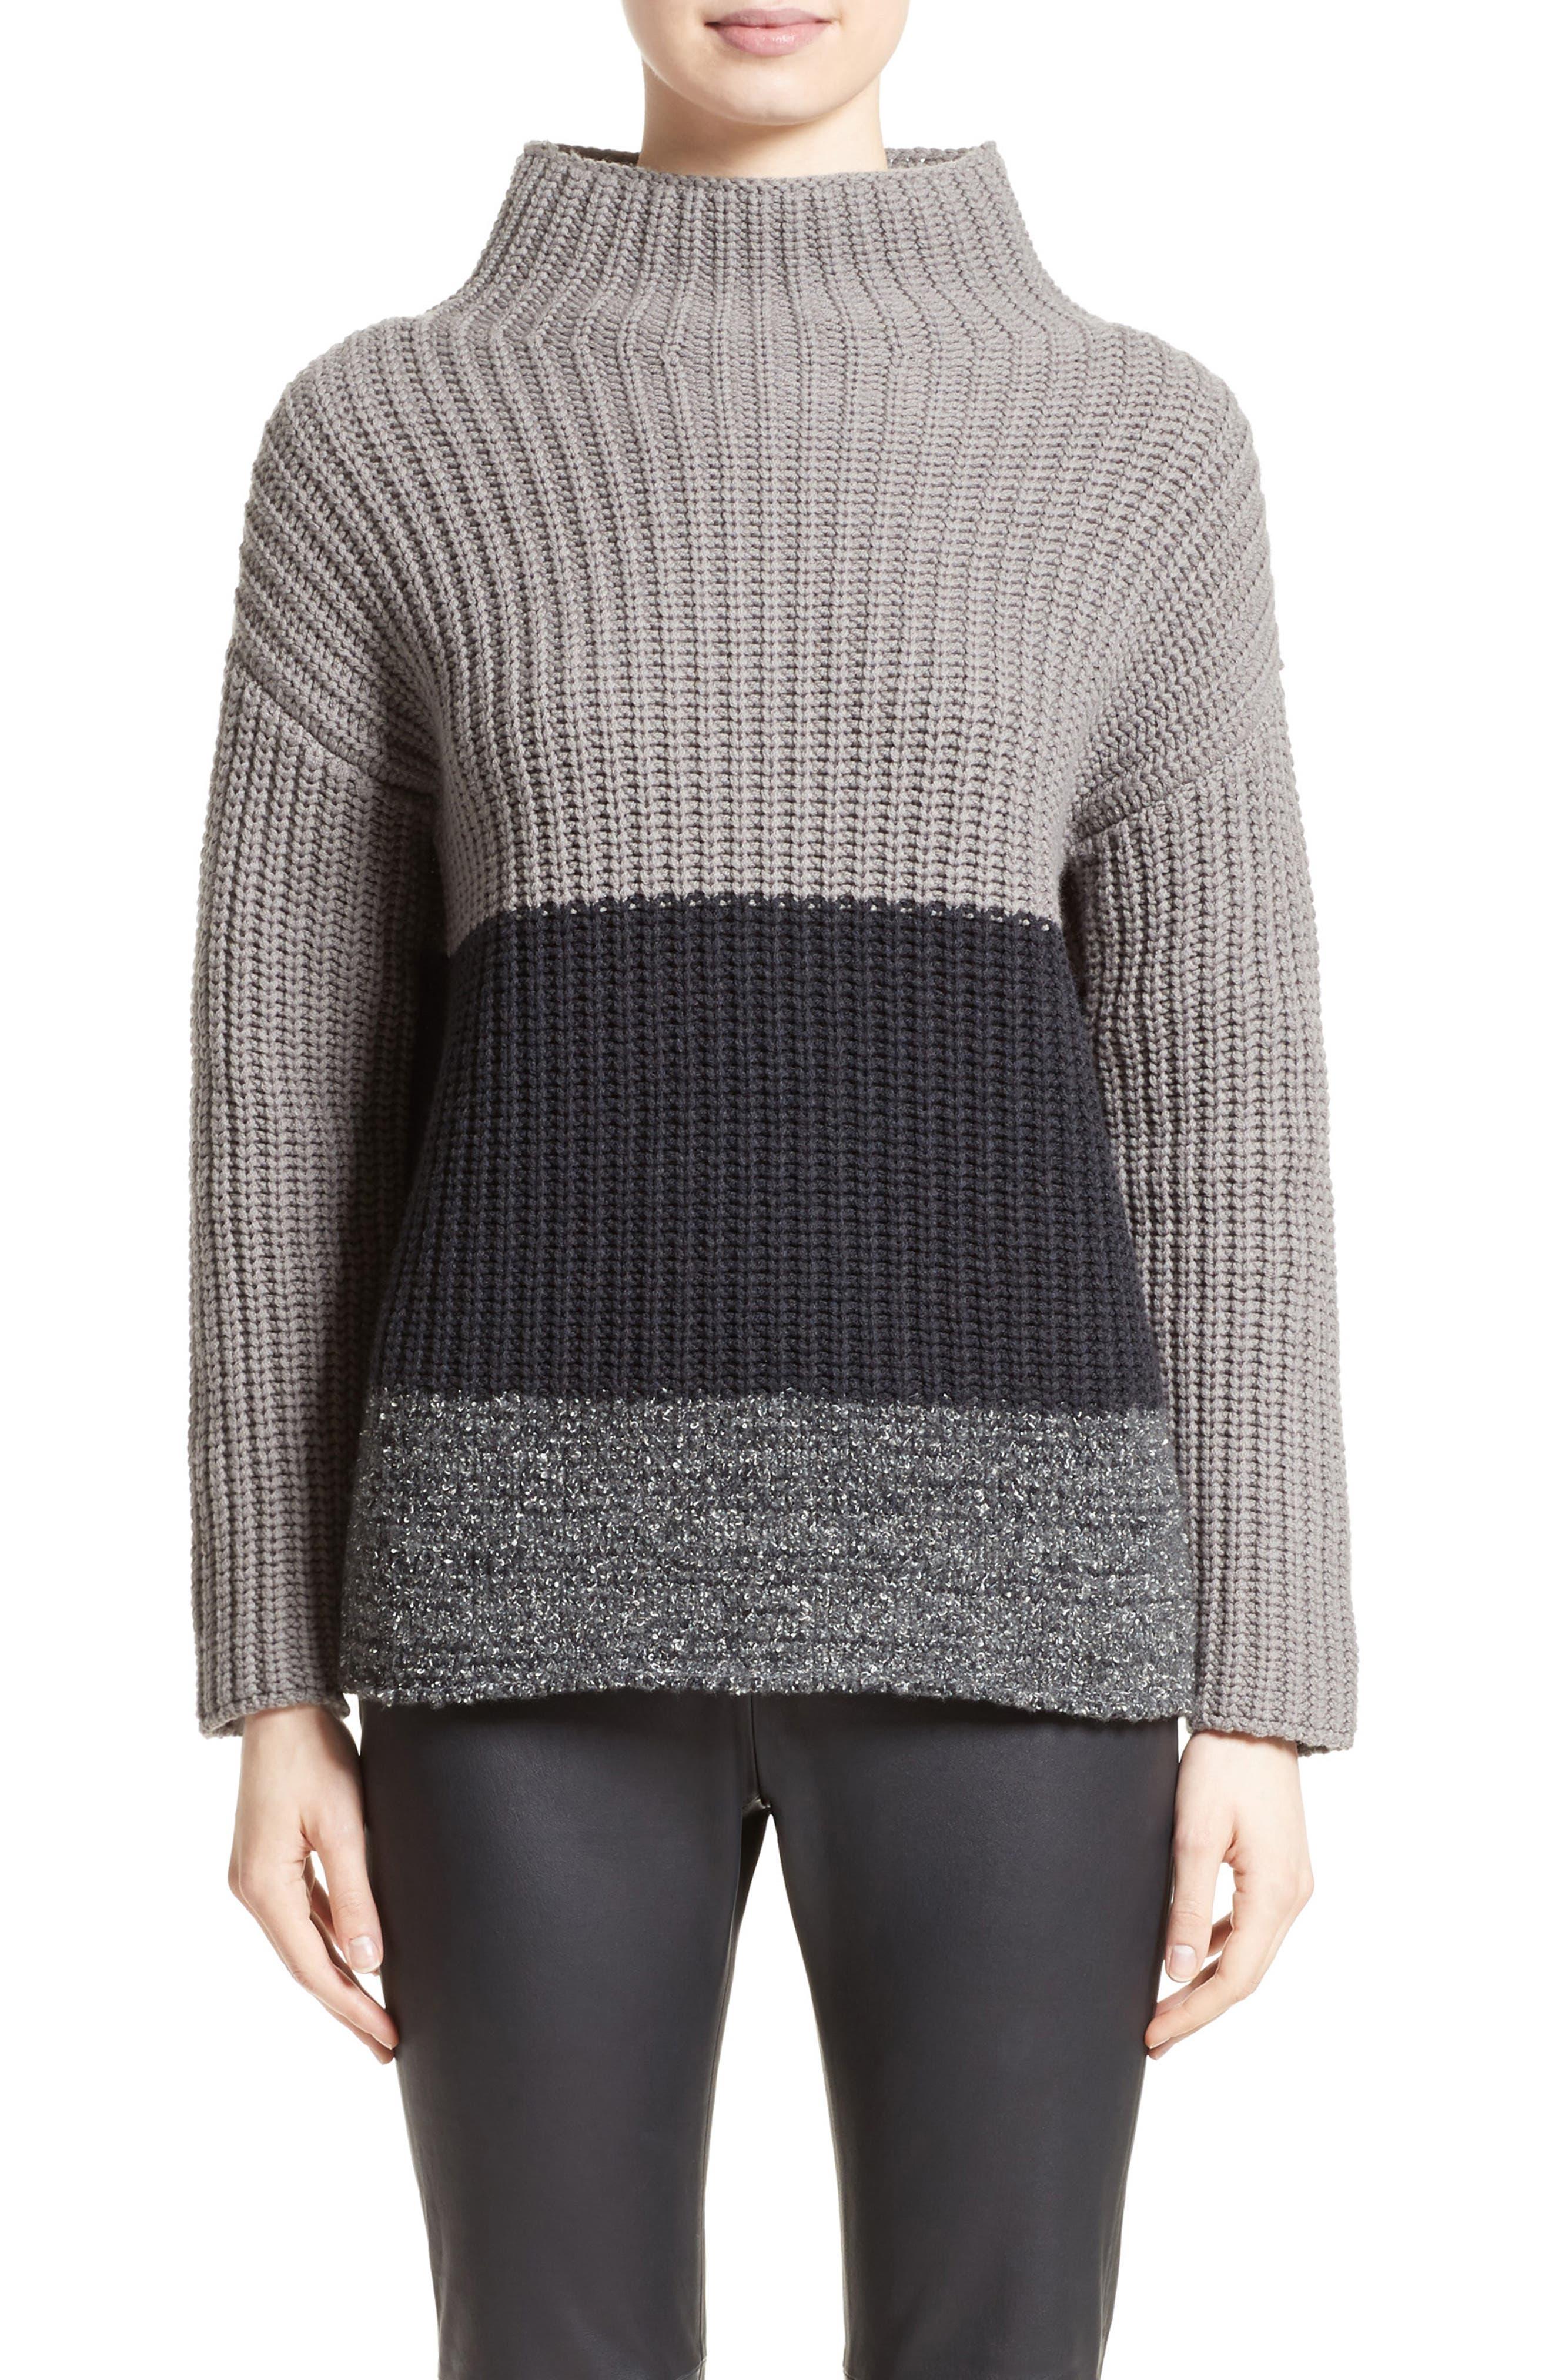 Fabiana Filippi Ribbed Colorblock Sweater